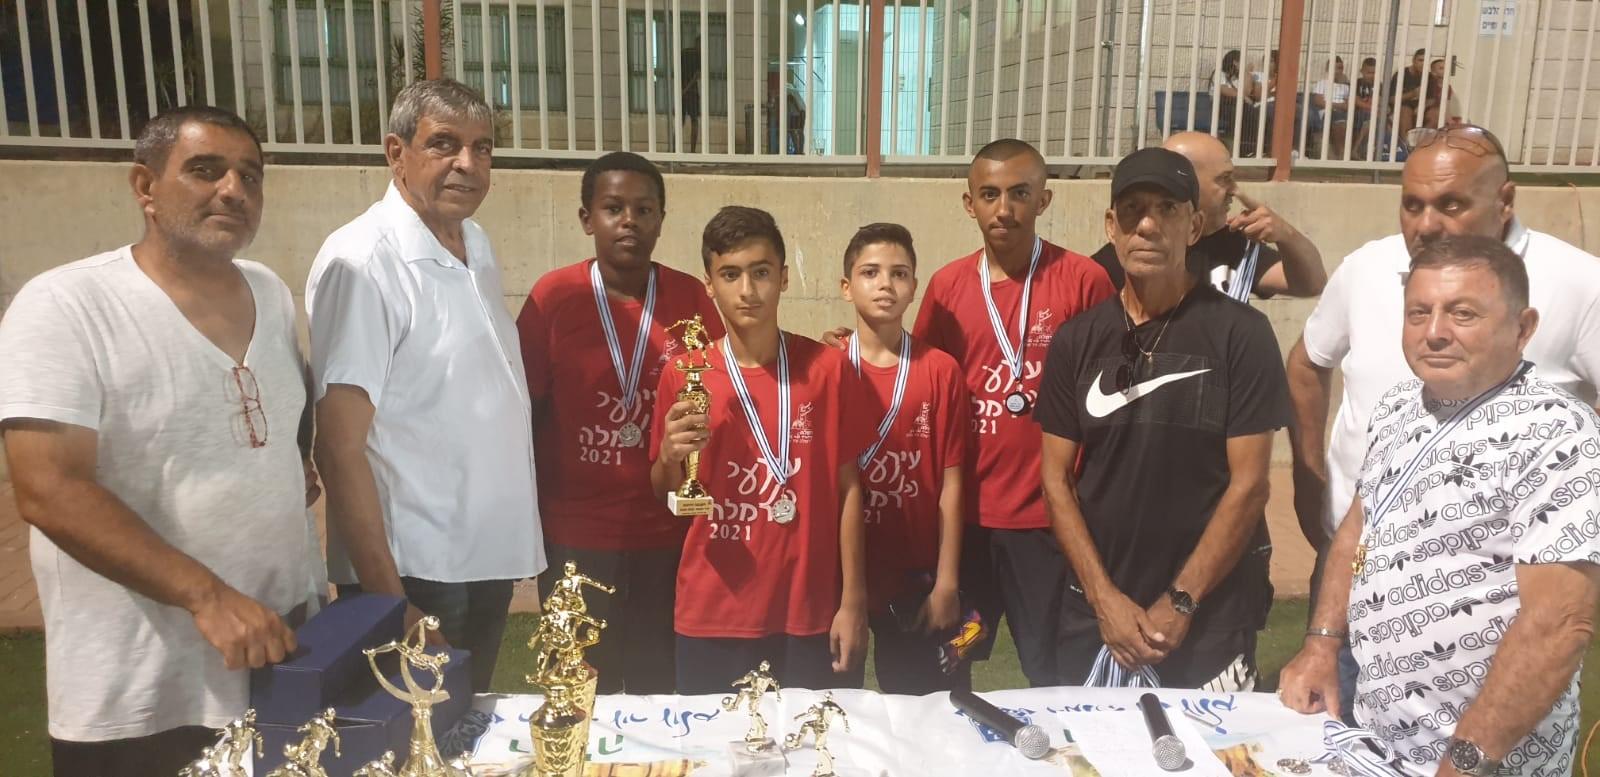 סיום טורניר ליגת שכונות עיר הנוער ברמלה 1